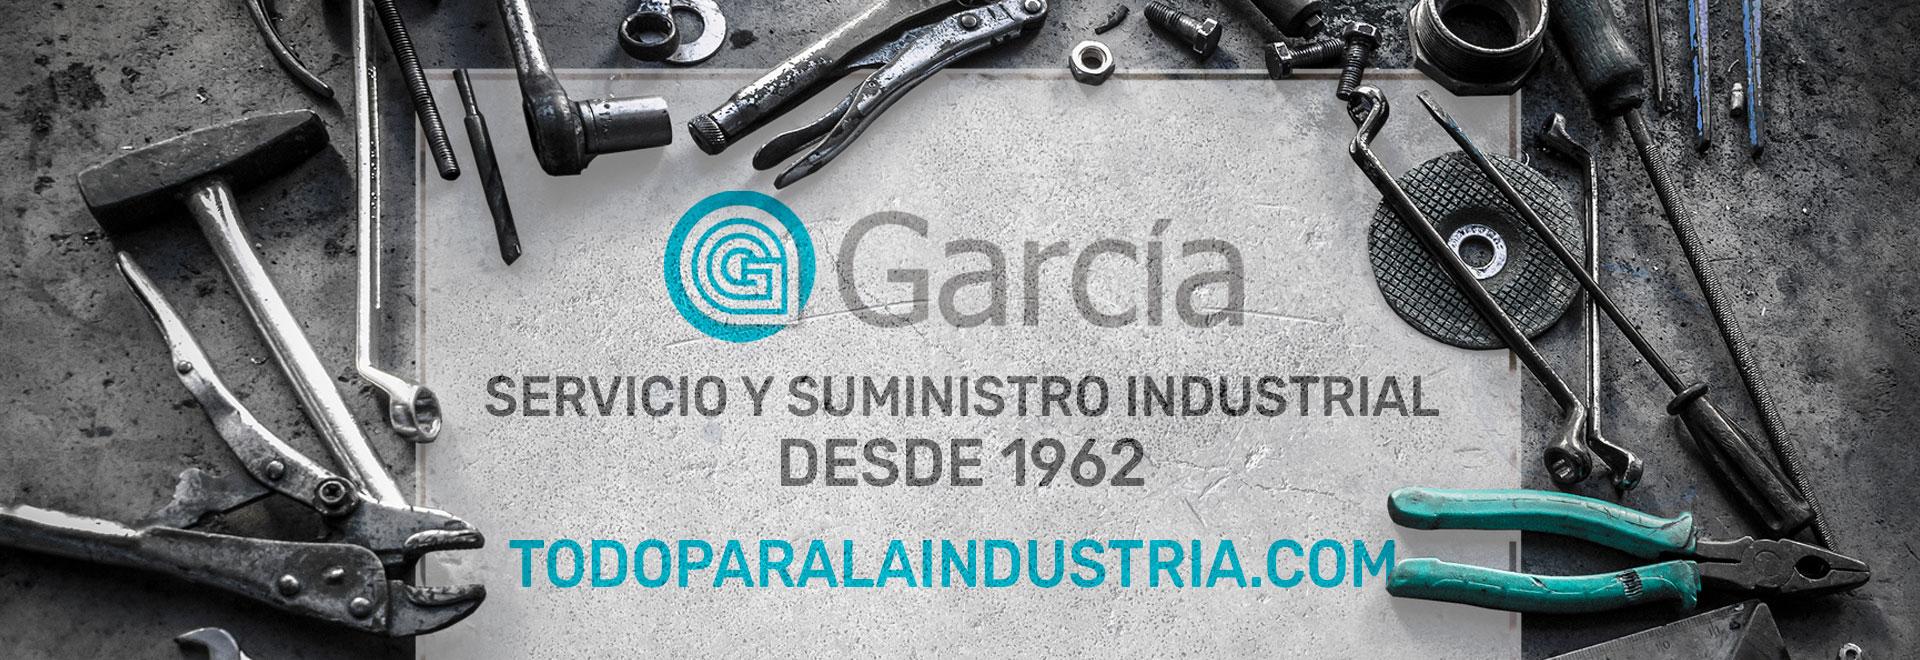 Slide-01-50-años-de-experiencia-suministro-industrial